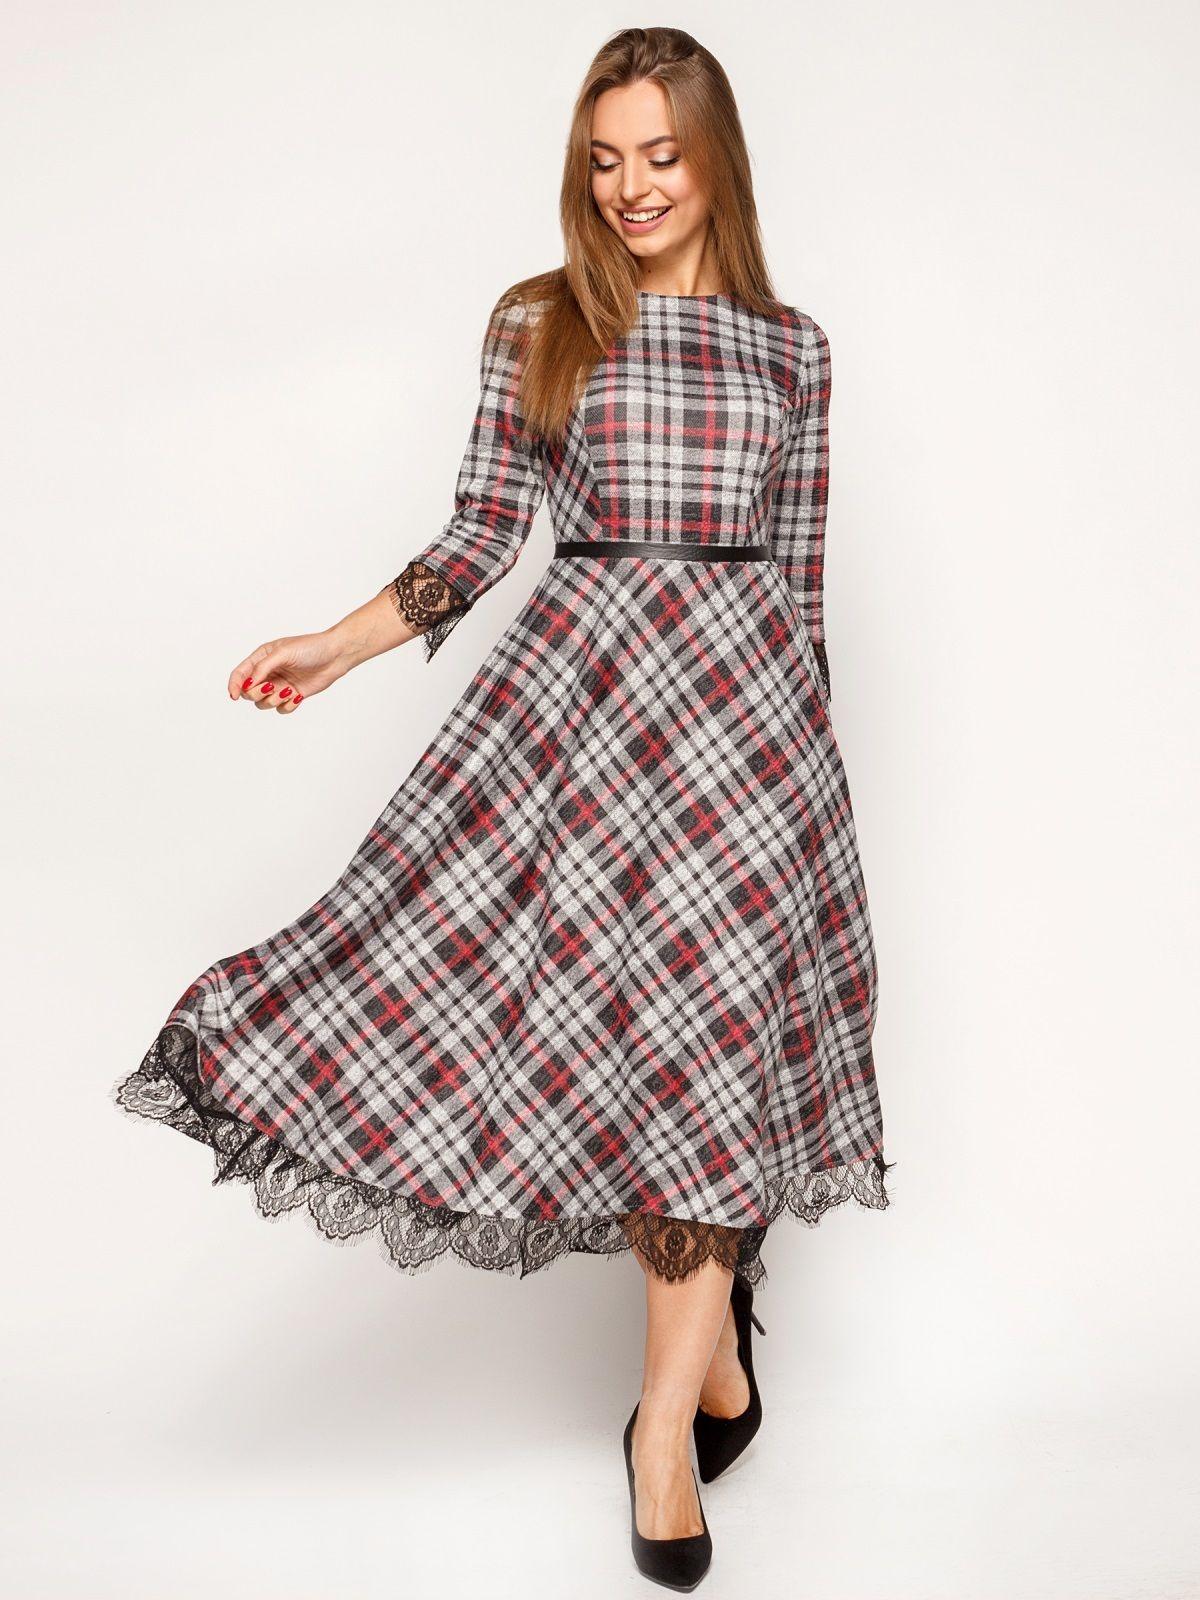 7229069c17fc1c8 Трикотажне плаття в клітку - 67483   goods ...ukr in 2019   Fashion ...